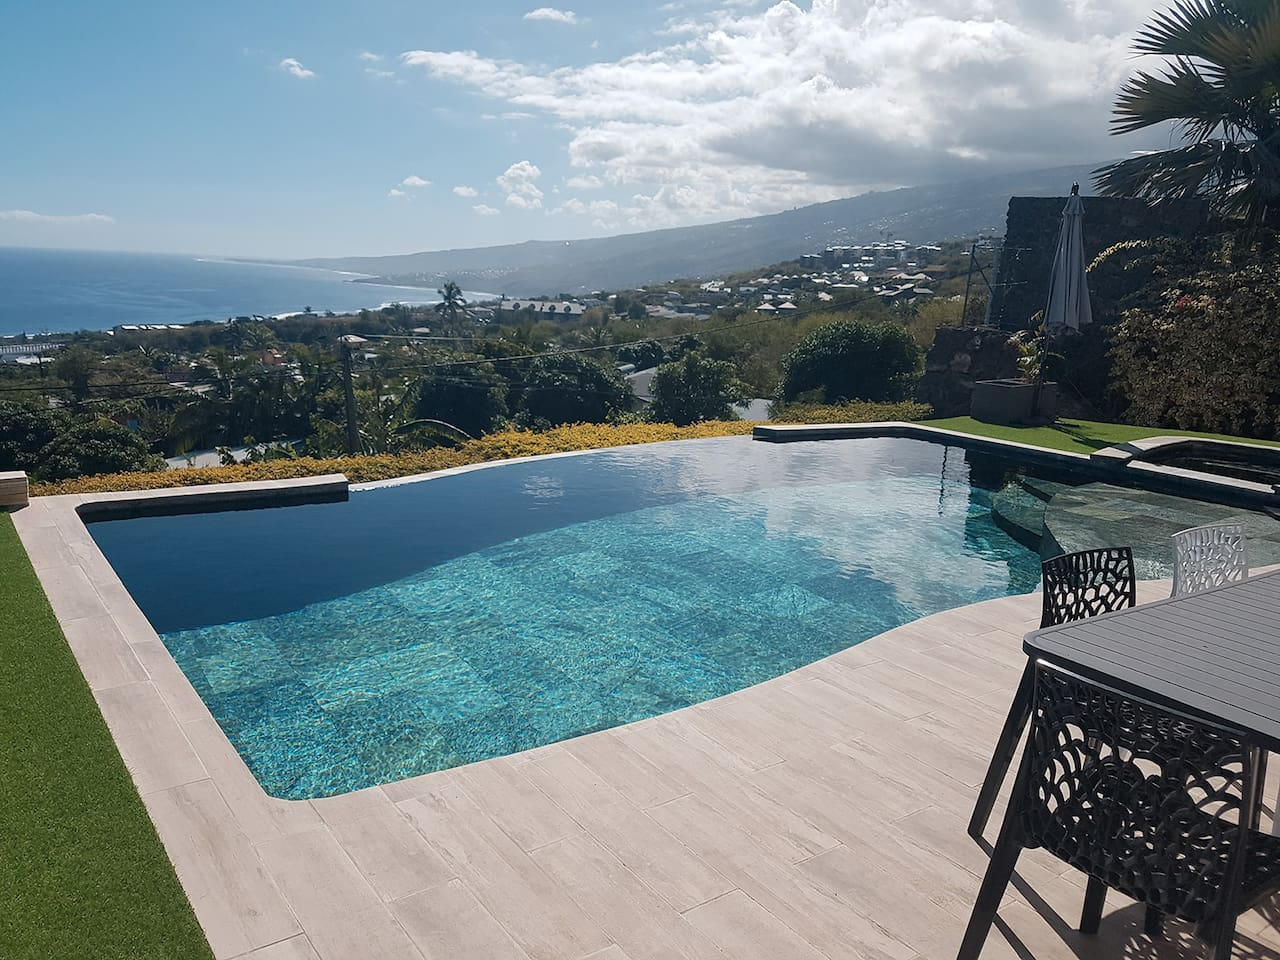 Magnifique vue sur l'océan et la piscine à débordement